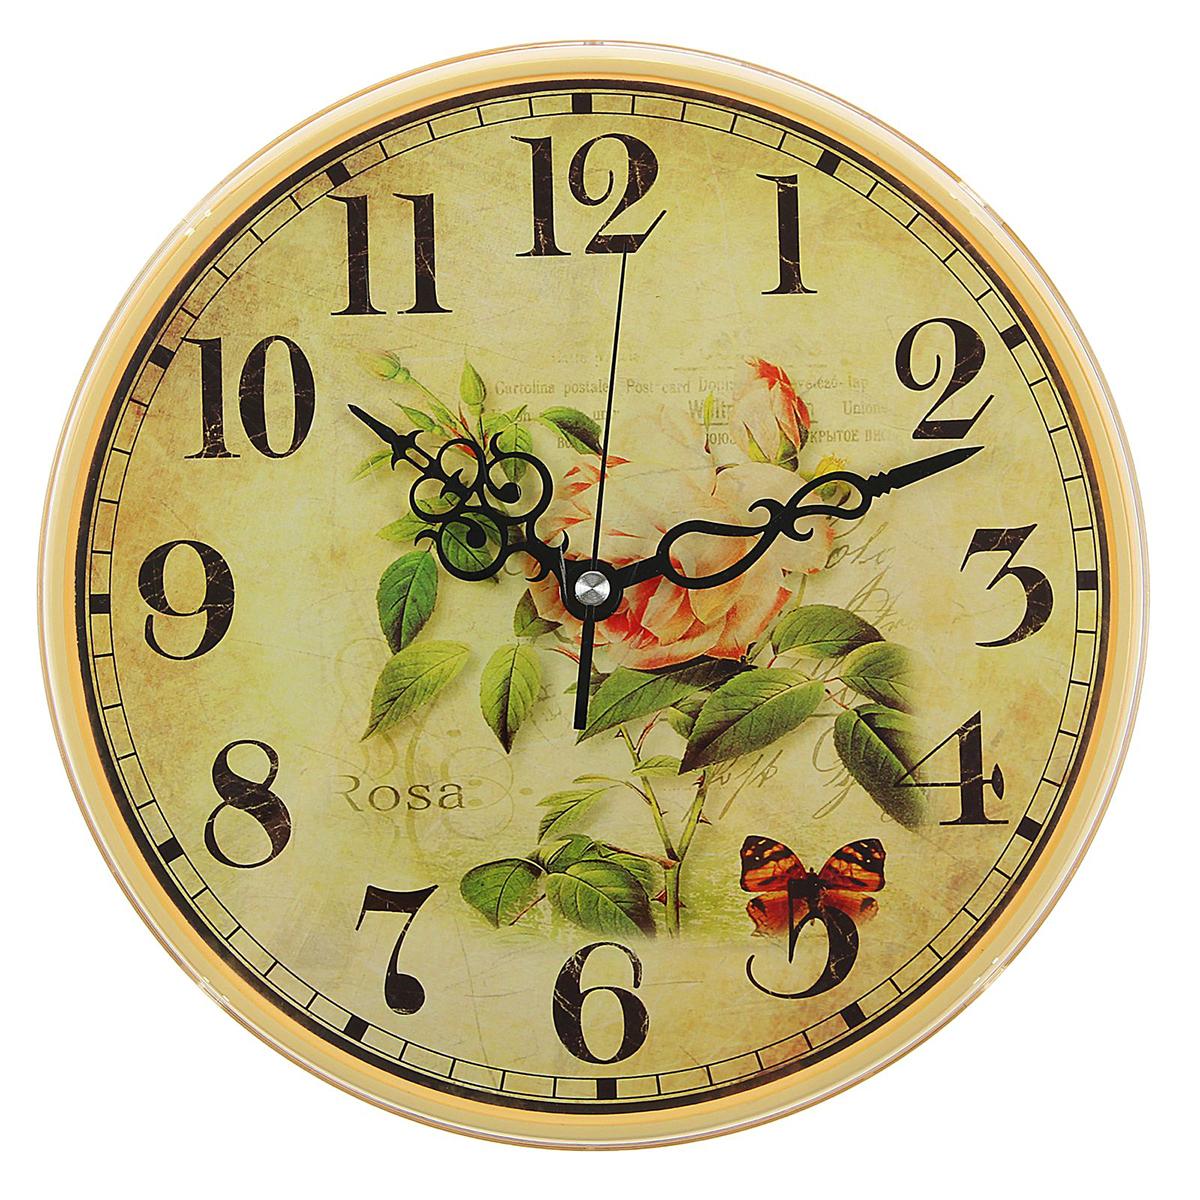 Часы настенные Рубин Роза и бабочки, диаметр 25 см2362186— сувенир в полном смысле этого слова. И главная его задача — хранить воспоминание о месте, где вы побывали, или о том человеке, который подарил данный предмет. Преподнесите эту вещь своему другу, и она станет достойным украшением его дома. Каждому хозяину периодически приходит мысль обновить свою квартиру, сделать ремонт, перестановку или кардинально поменять внешний вид каждой комнаты. — привлекательная деталь, которая поможет воплотить вашу интерьерную идею, создать неповторимую атмосферу в вашем доме. Окружите себя приятными мелочами, пусть они радуют глаз и дарят гармонию.Часы настенные круглые Роза и бабочки, 25 см 2362186